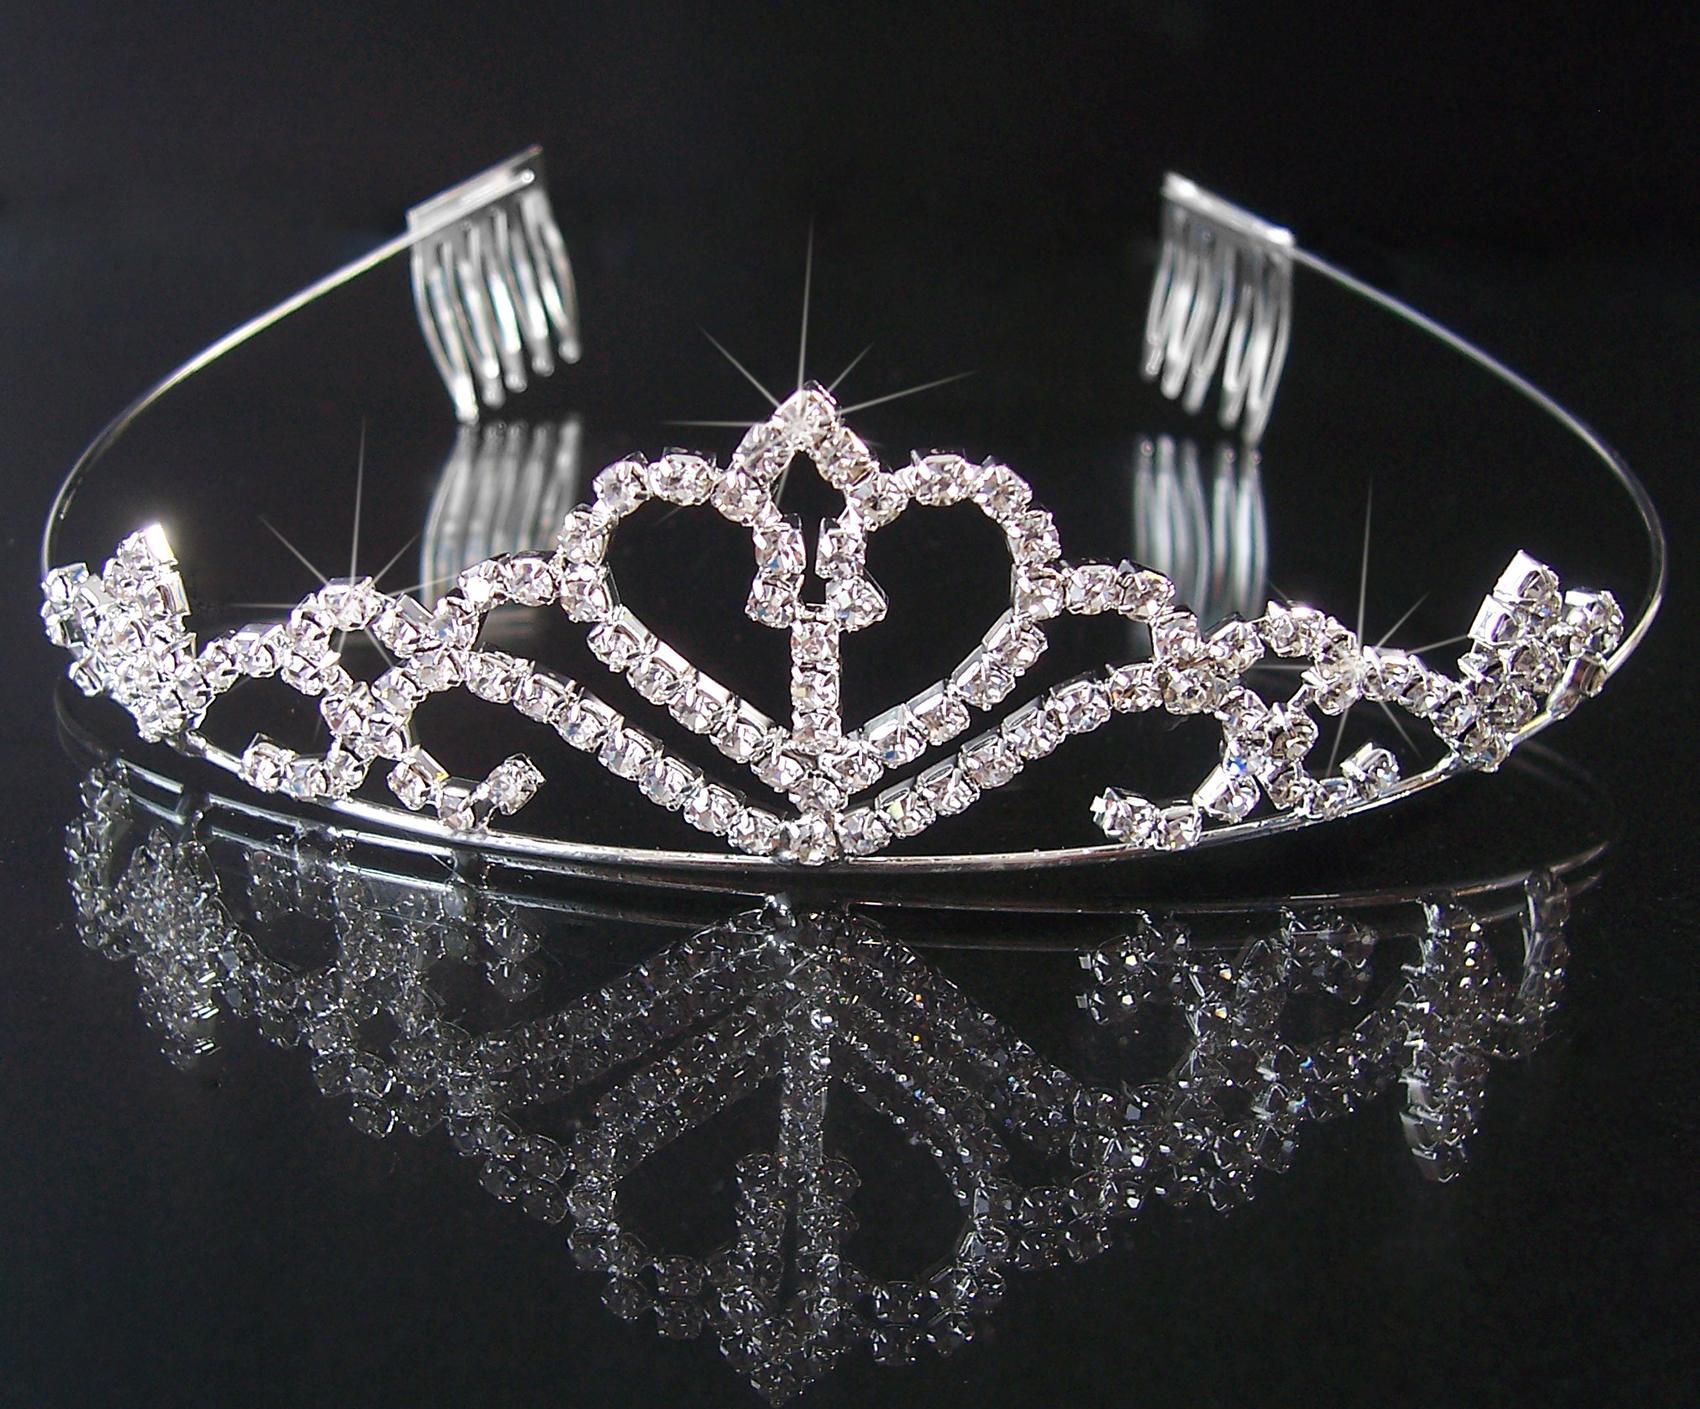 Tiara Diadem Krone Hochzeit Brautschmuck Braut silber Haarreif H1424